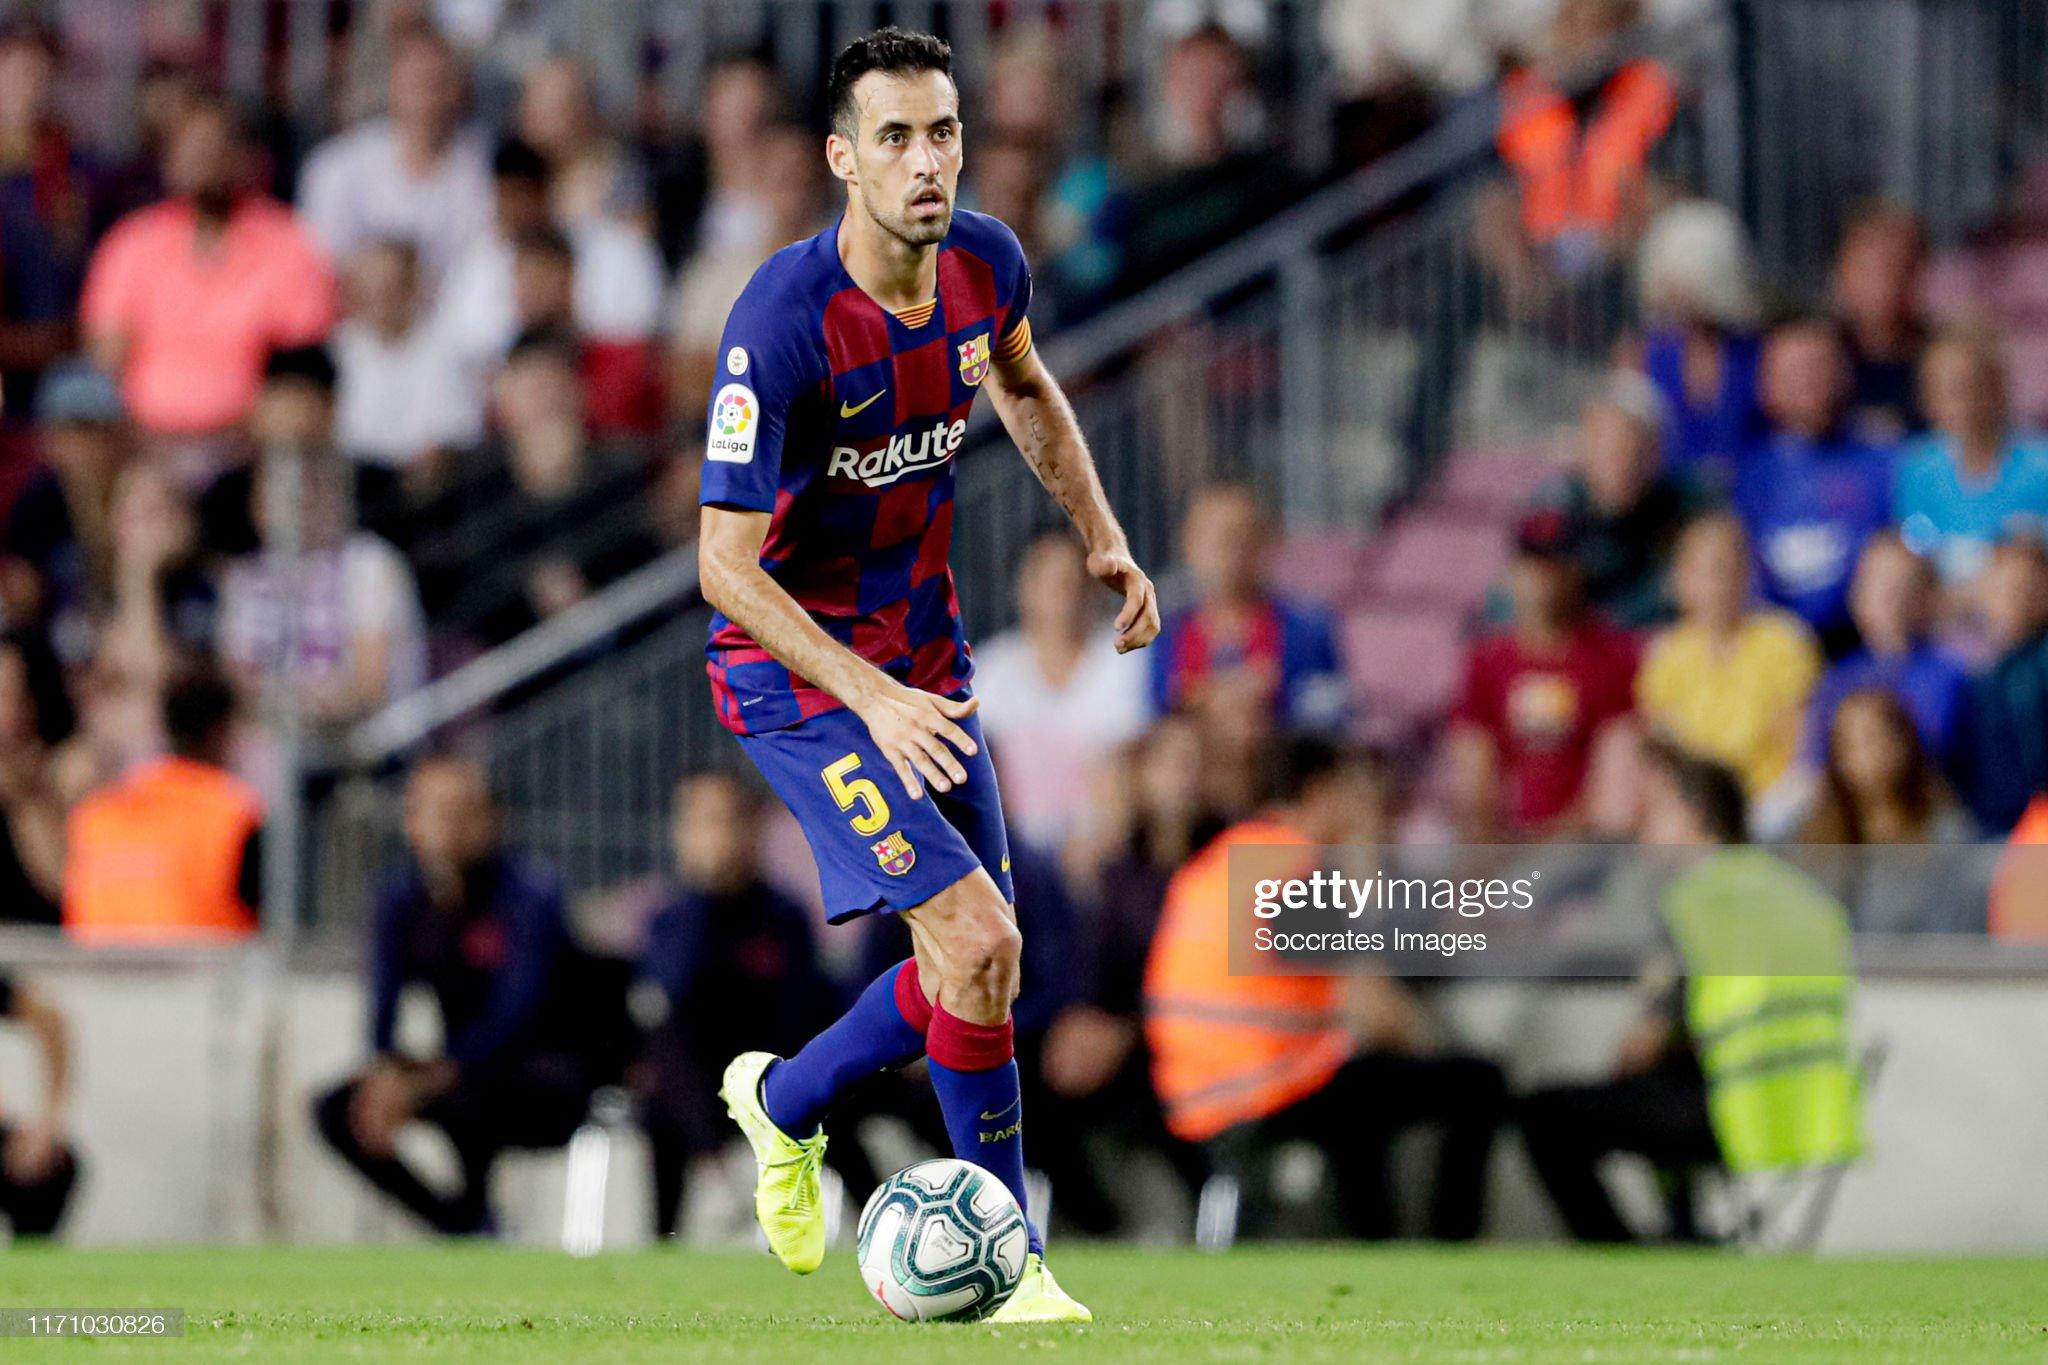 صور مباراة : برشلونة - فياريال 2-1 ( 24-09-2019 )  Sergio-busquets-of-fc-barcelona-during-the-la-liga-santander-match-picture-id1171030826?s=2048x2048